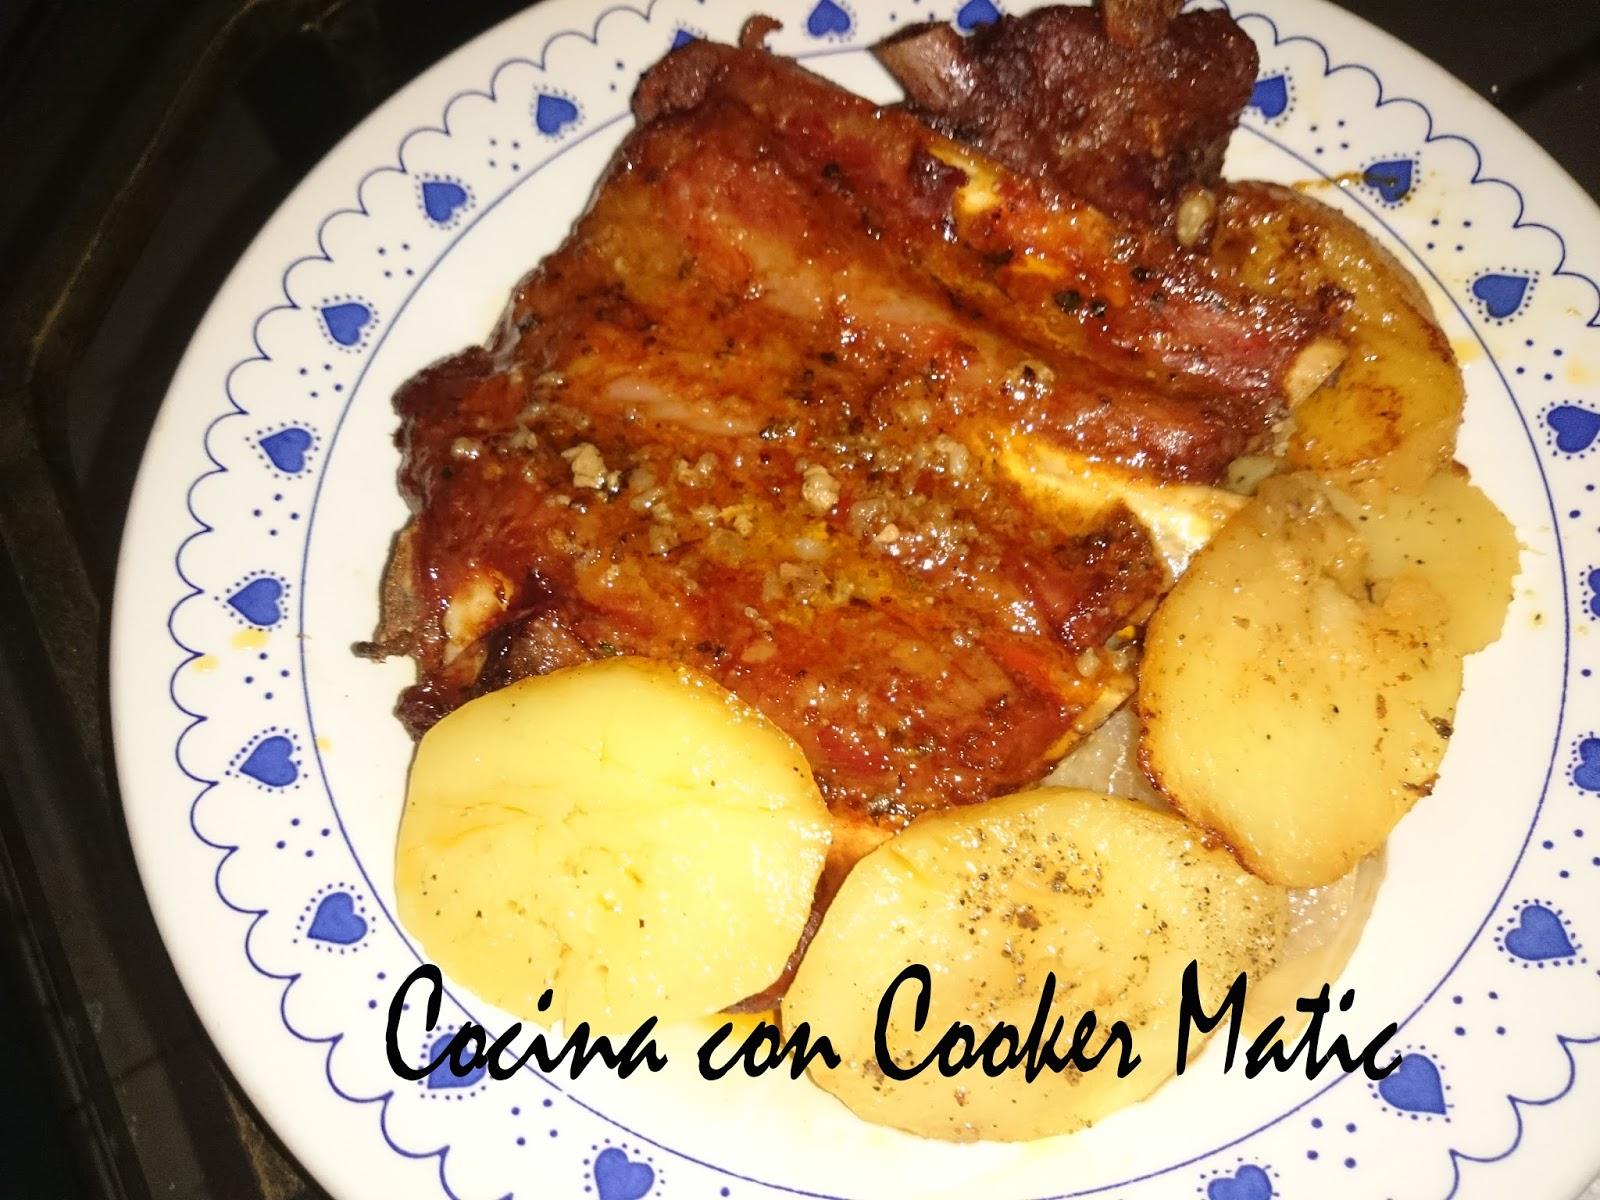 Cocina con cooker matic costillas de cerdo iberico al horno Solomillo iberico al horno